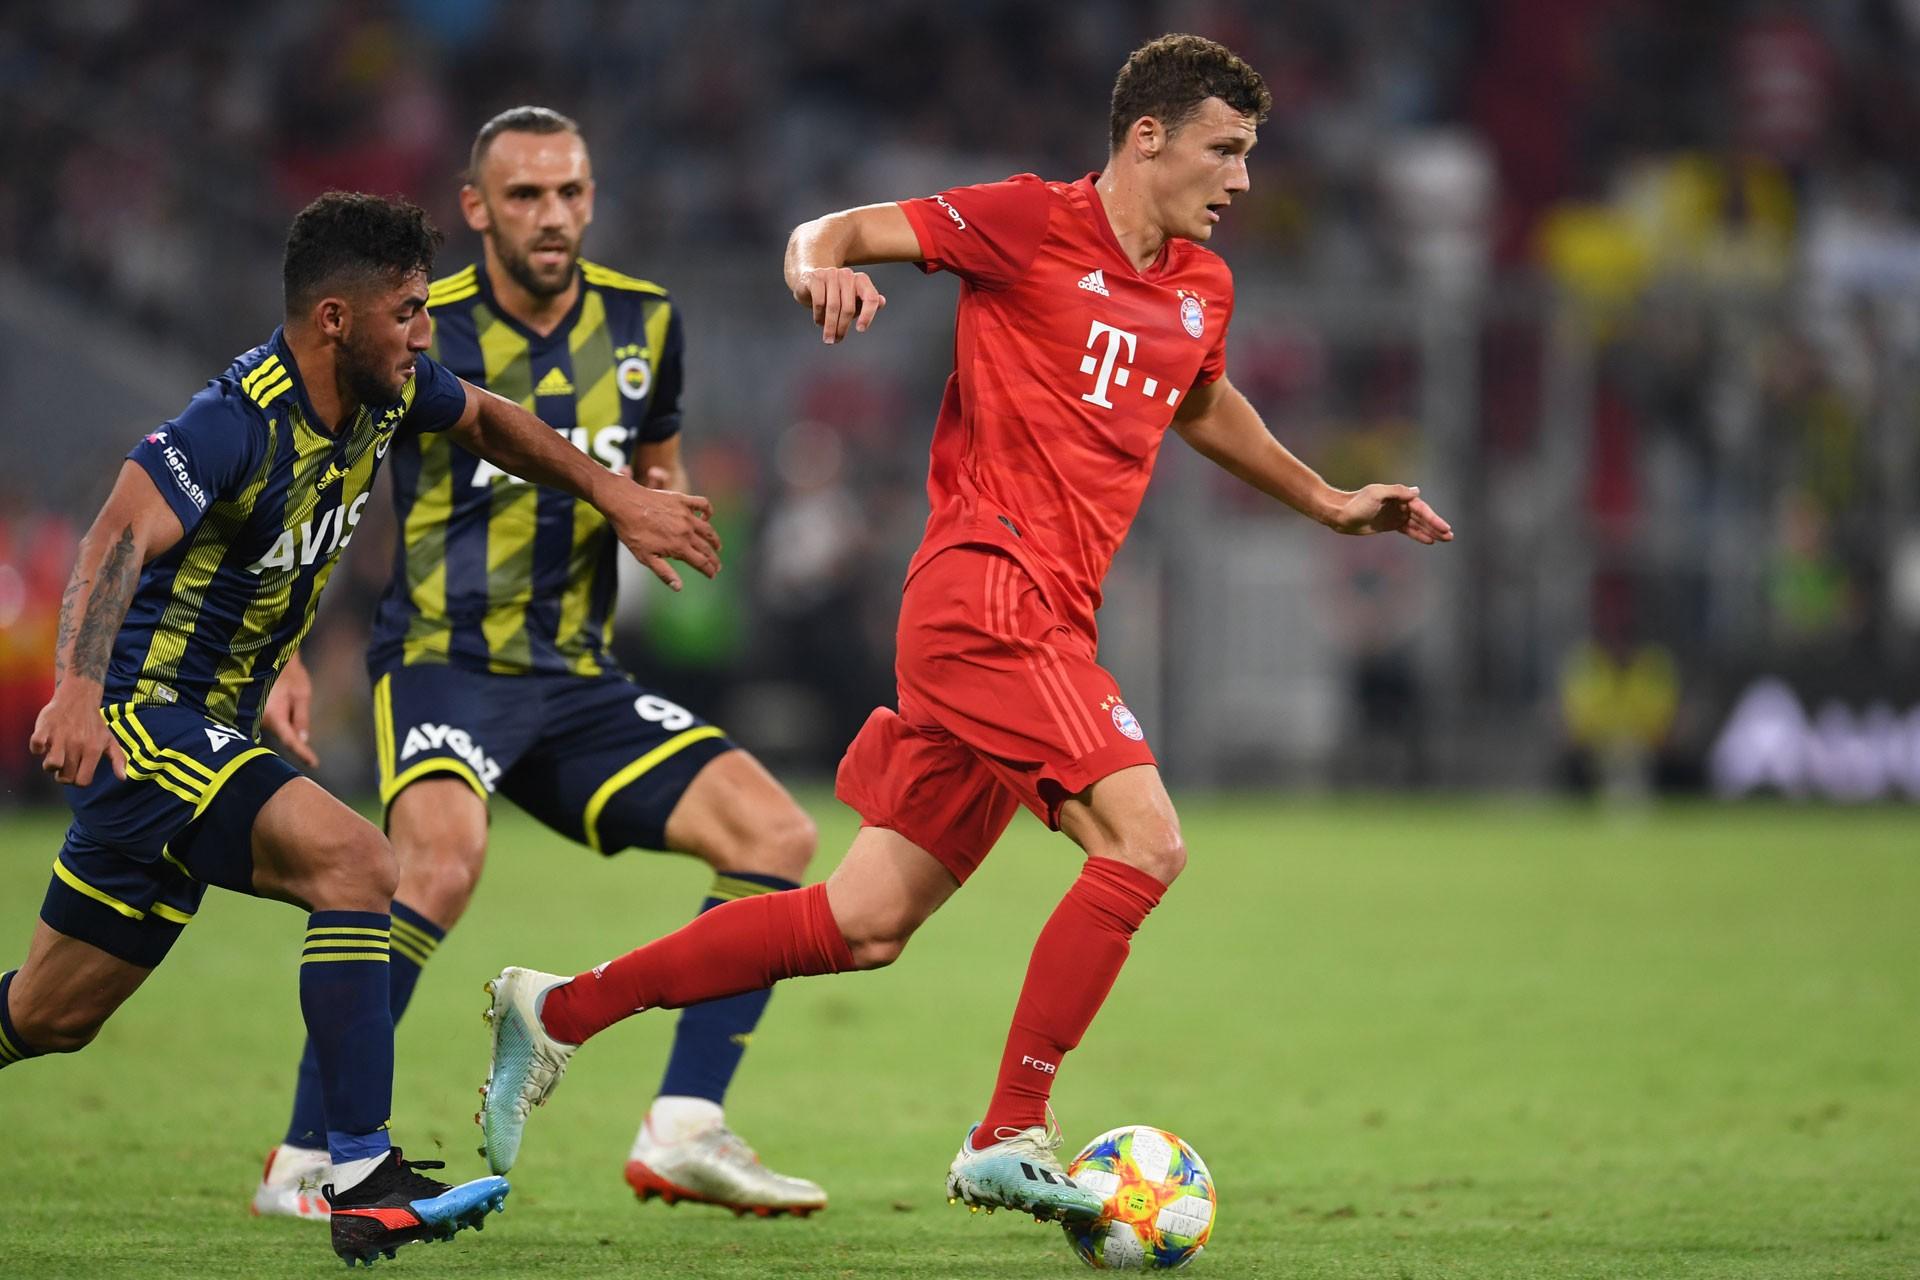 Fenerbahçe, Bayern Münih'e 6-1 mağlup oldu